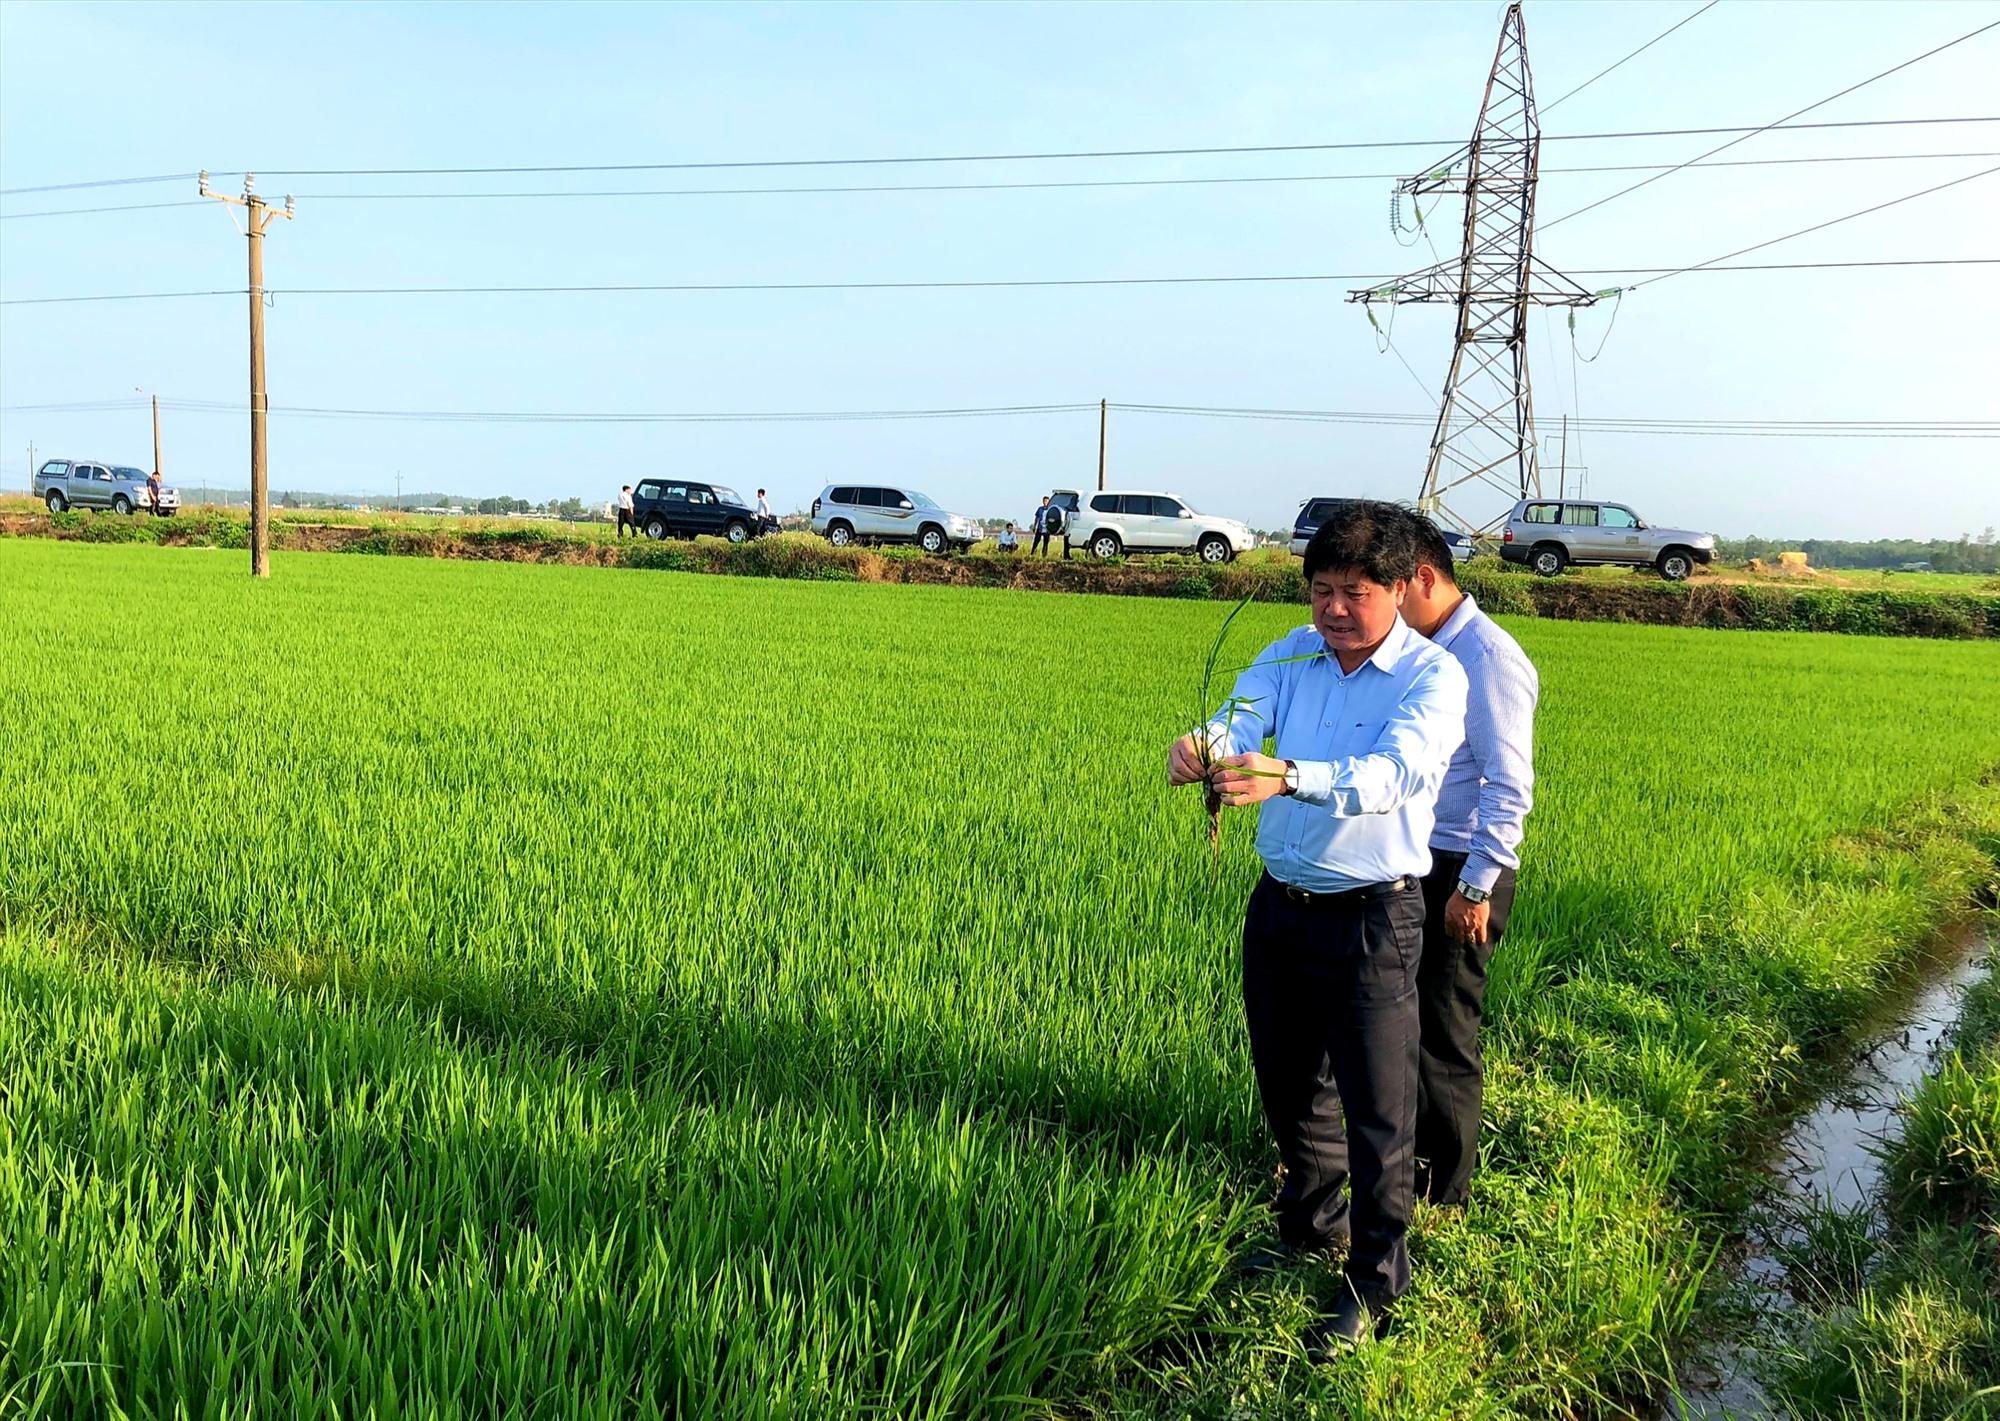 Thứ trưởng Bộ NN&PTNT Lê Quốc Doanh kiểm tra thực tế trên đồng ruộng xã Bình Trung (huyện Thăng Bình) vào chiều qua 6.2.    Ảnh: N.S